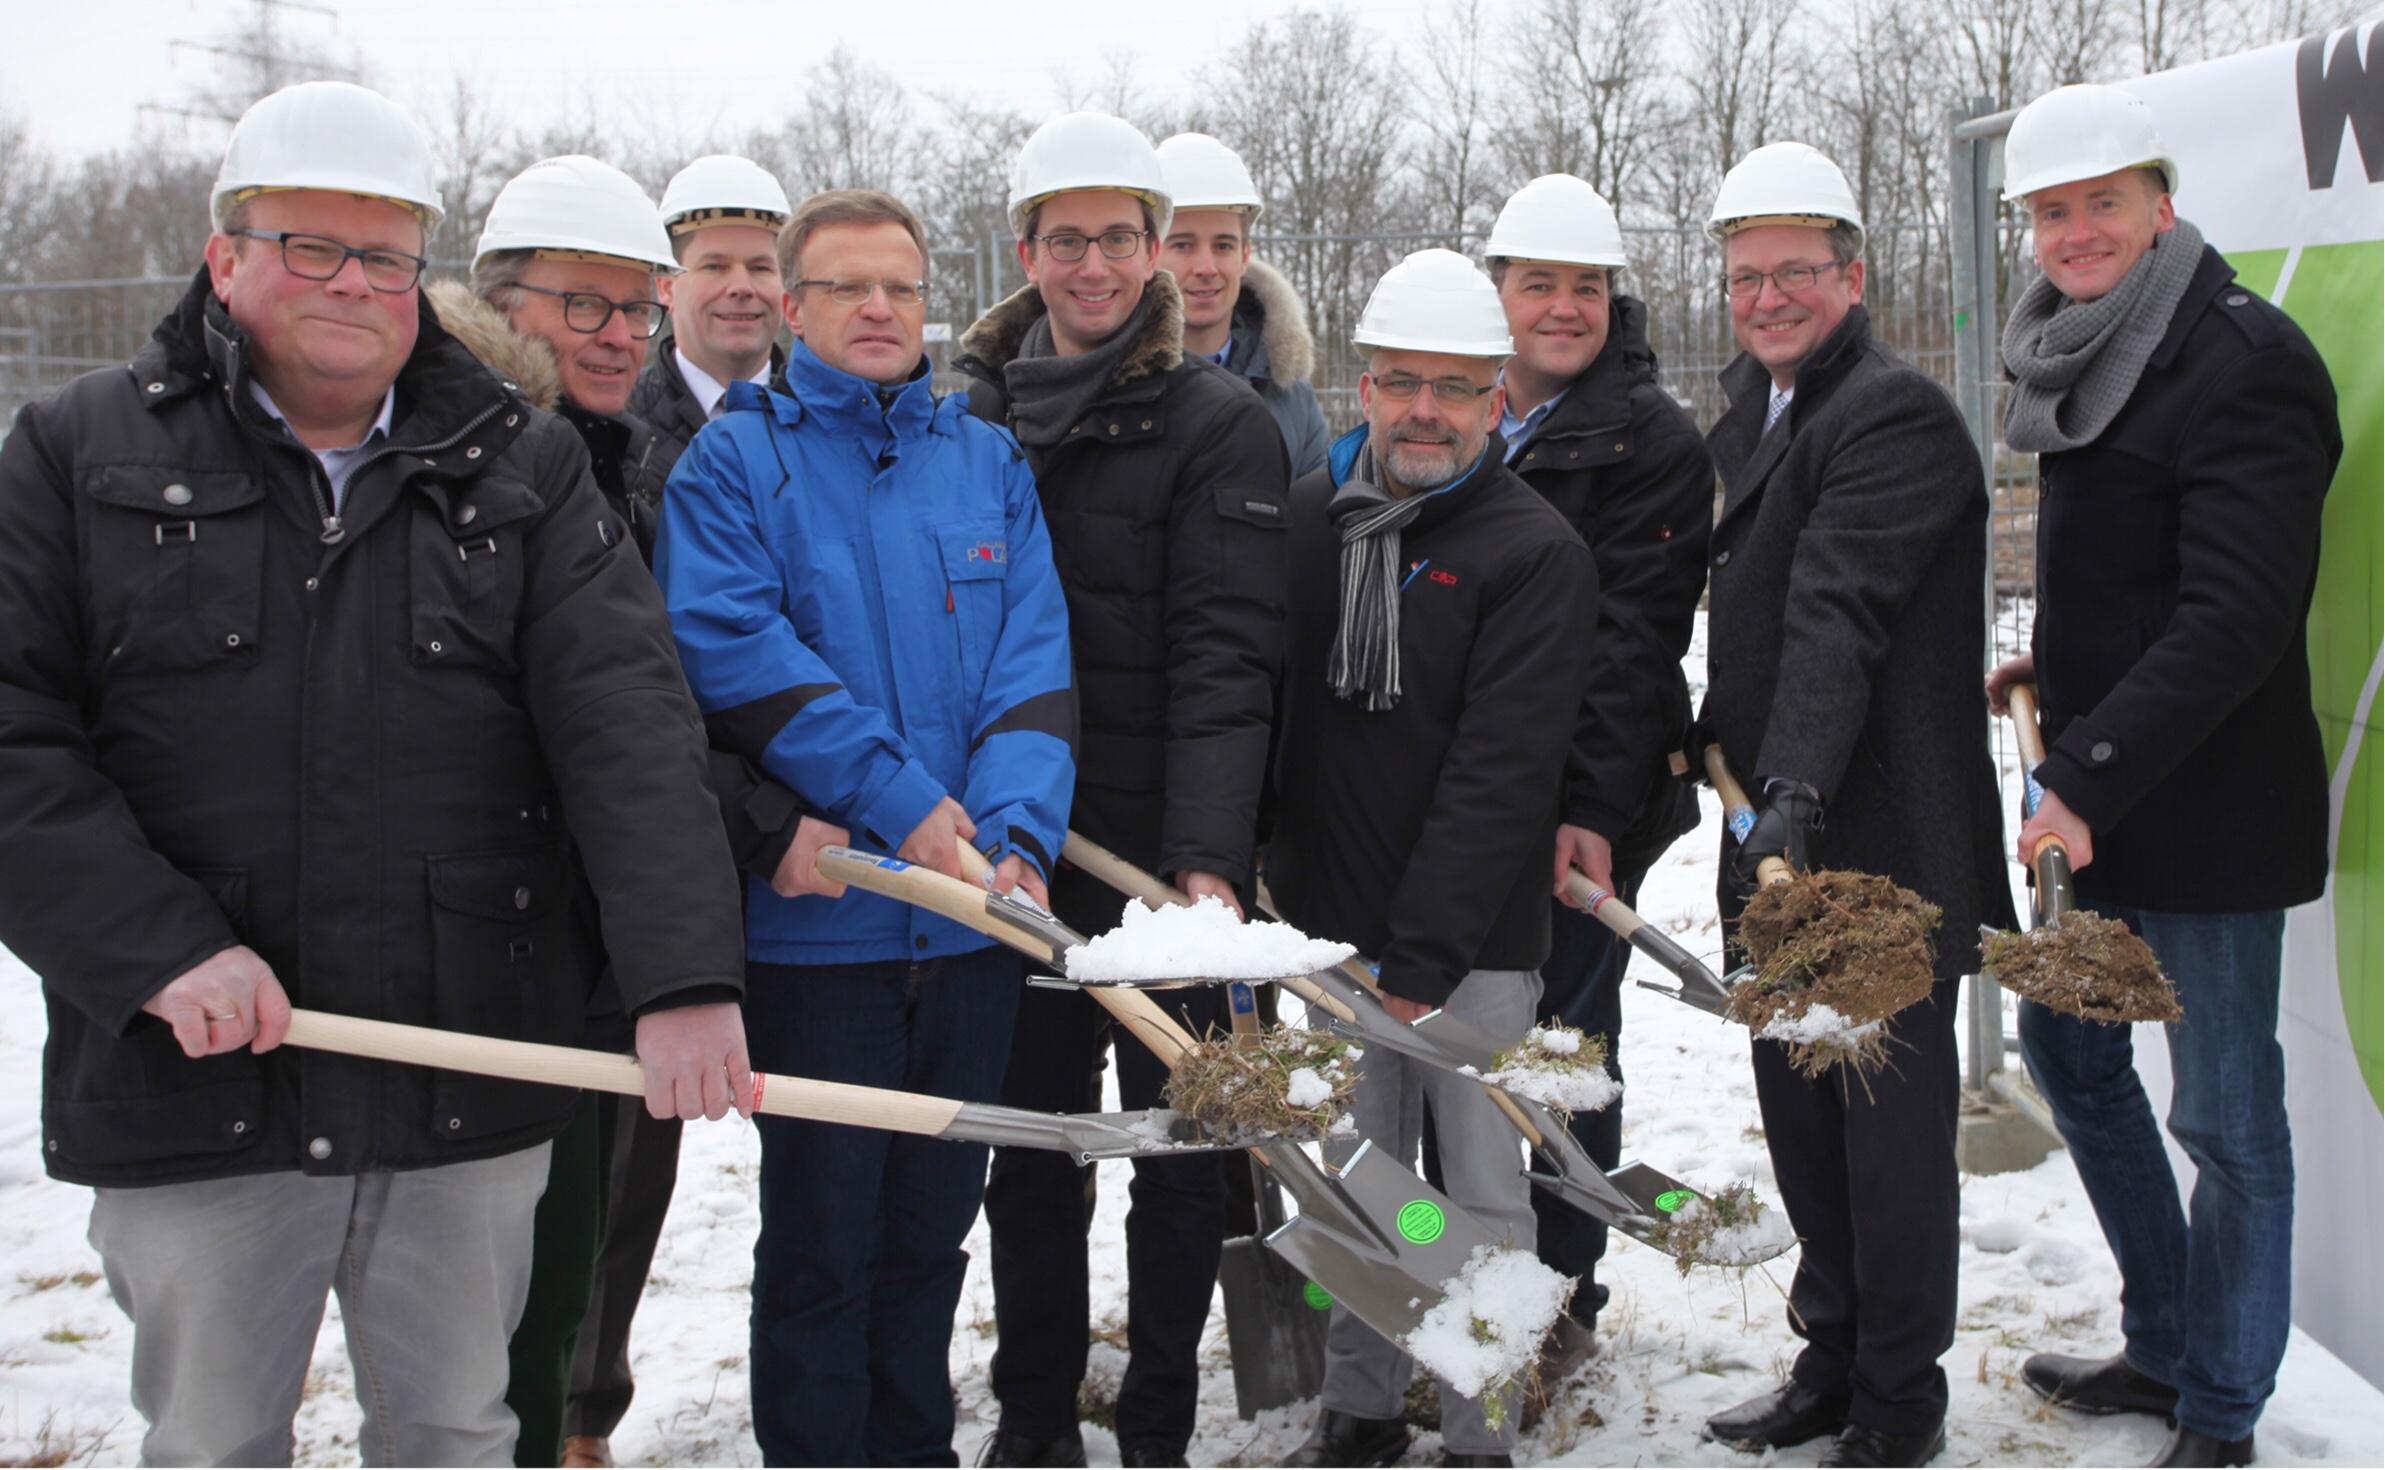 Wegener Paderborn spatenstich im paderborner technologiepark wir wirtschaft regional